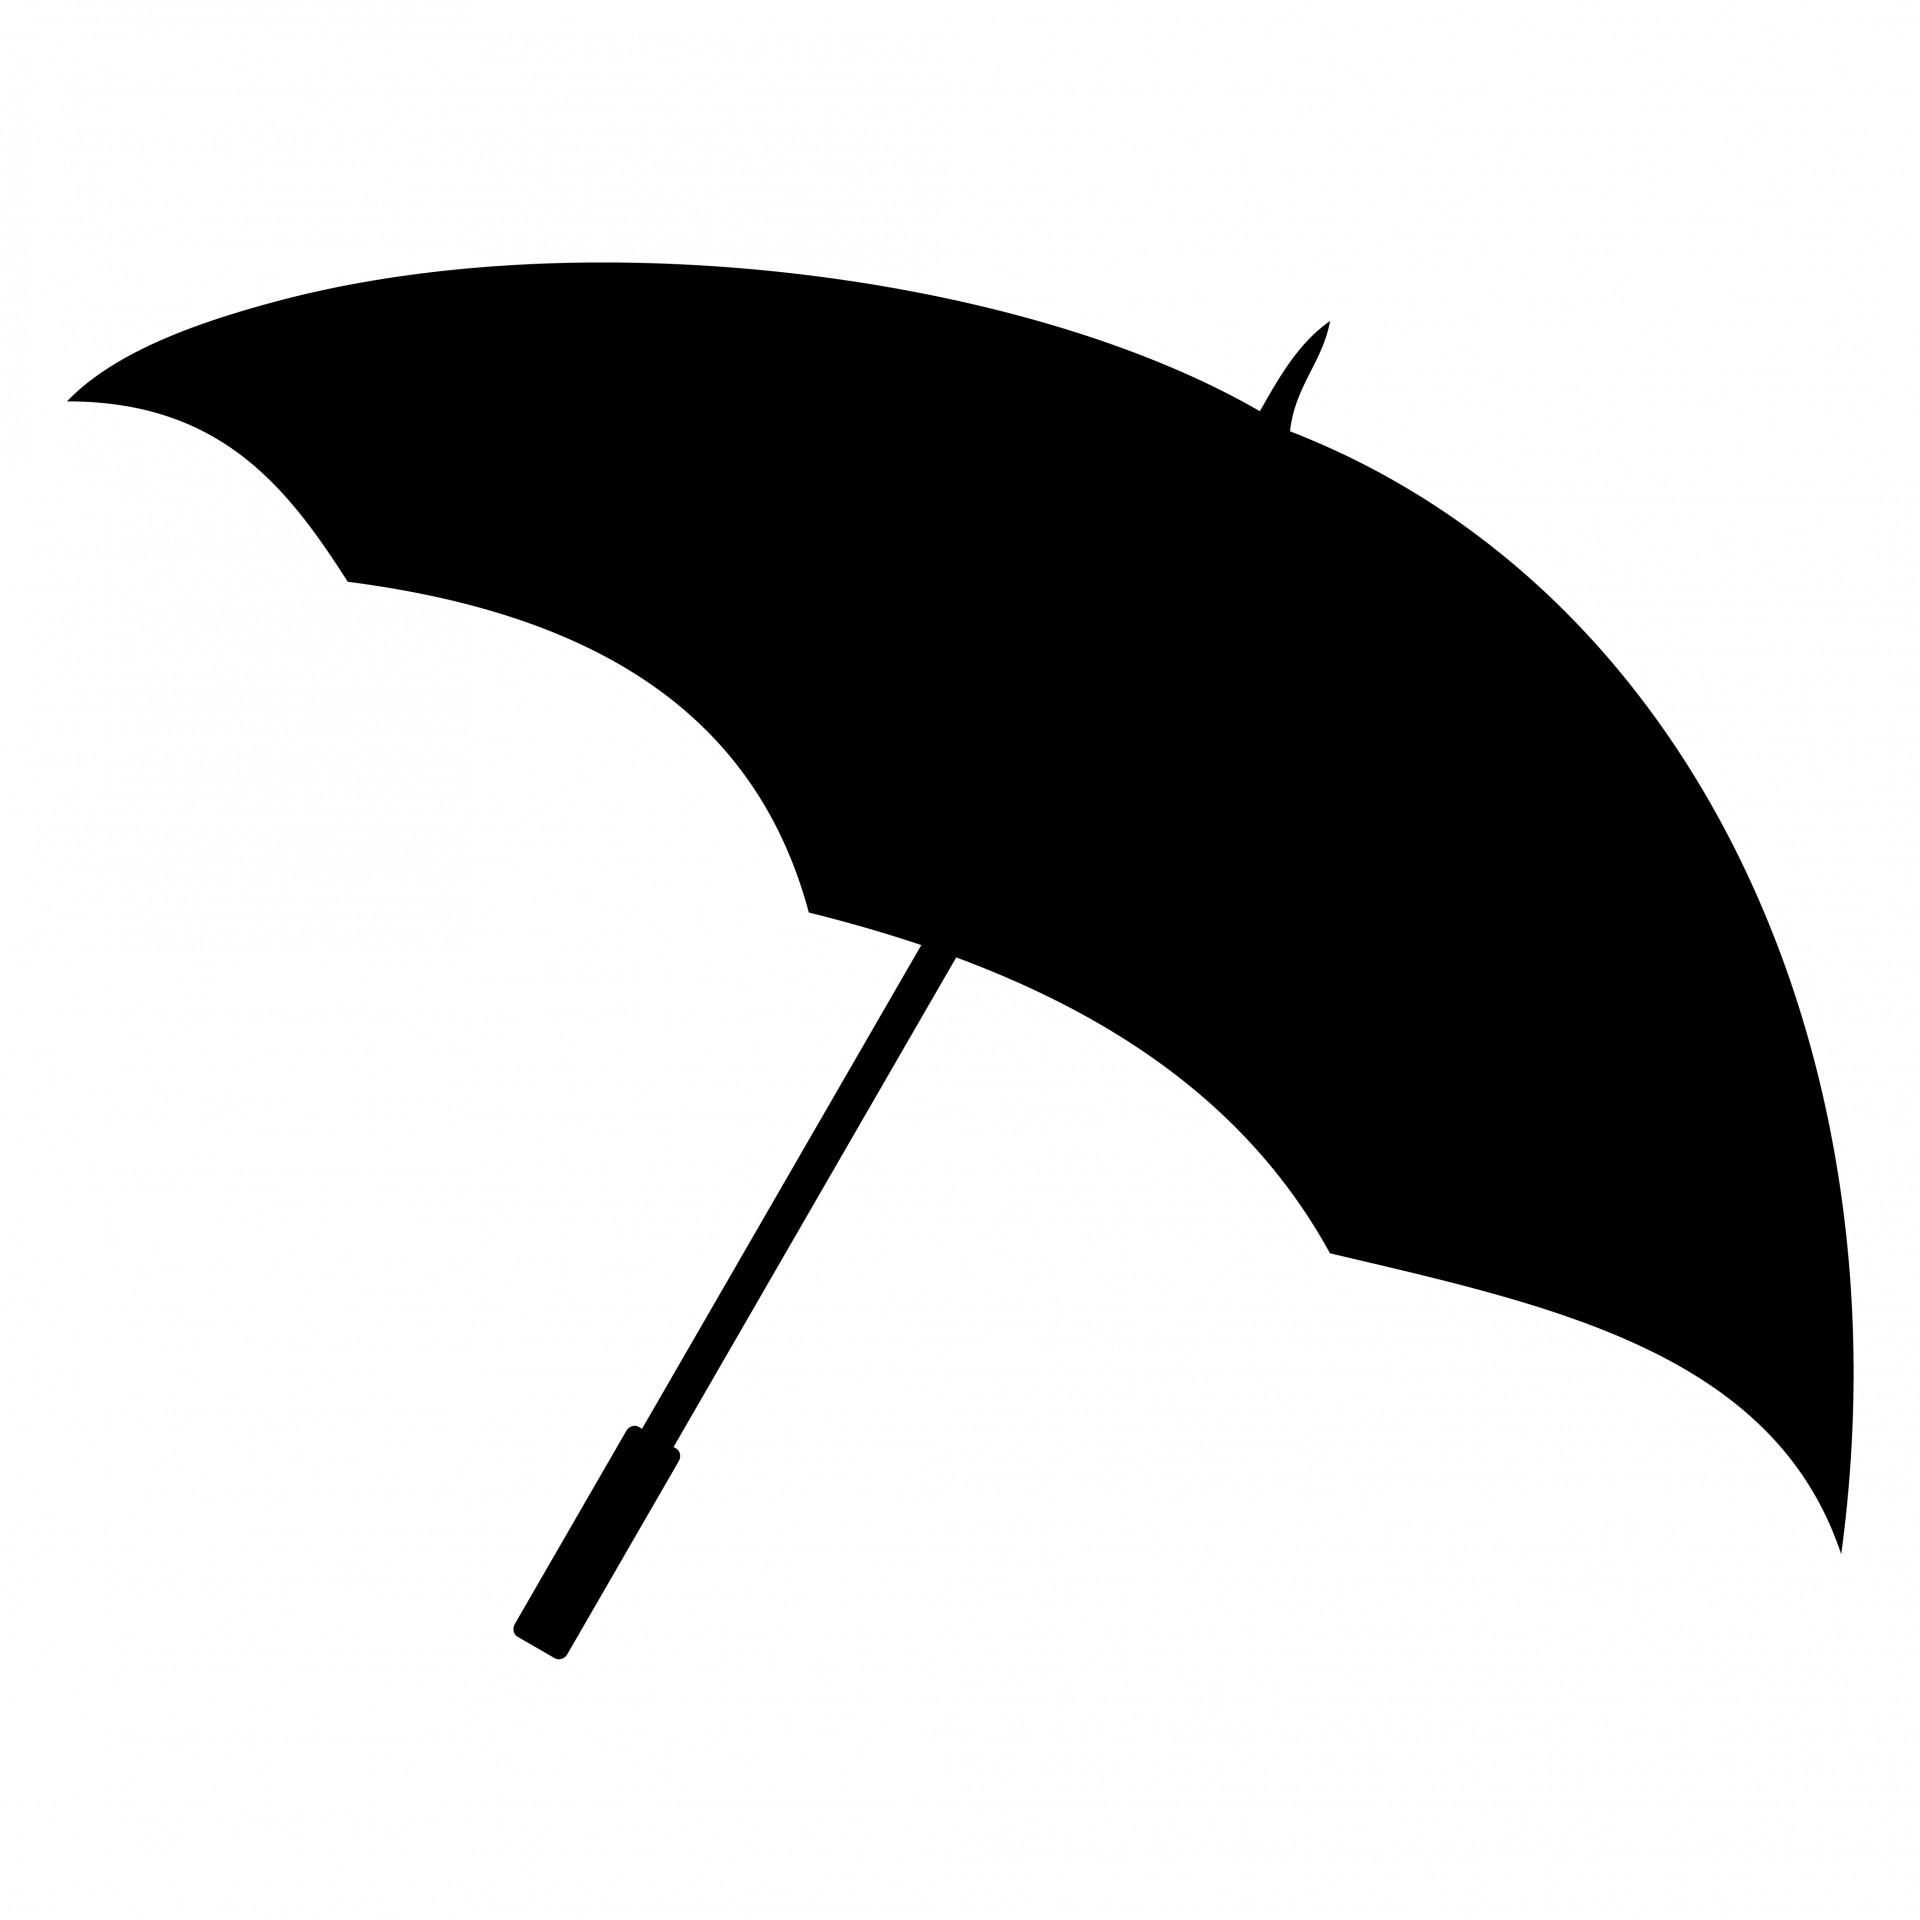 1920x1920 Black Umbrella Clipart Clip Art Library